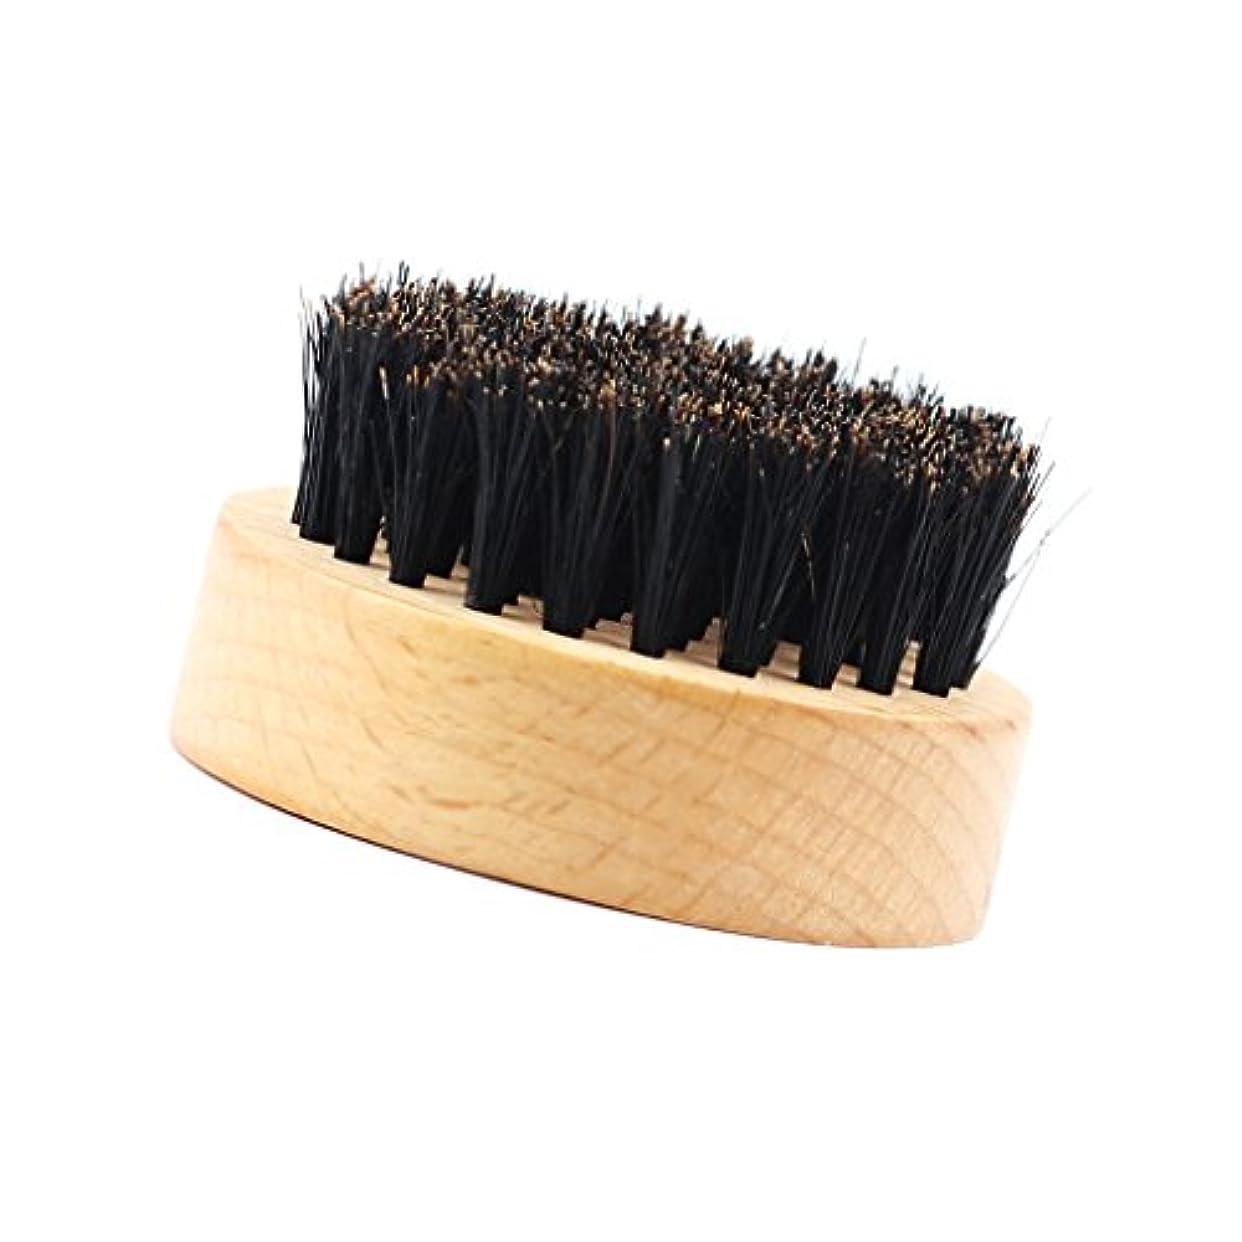 終了しましたワイン傾いた髭ブラシ ひげ剃り 豚毛 天然木ハンドル 口ひげケア 2タイプ選べる - #2